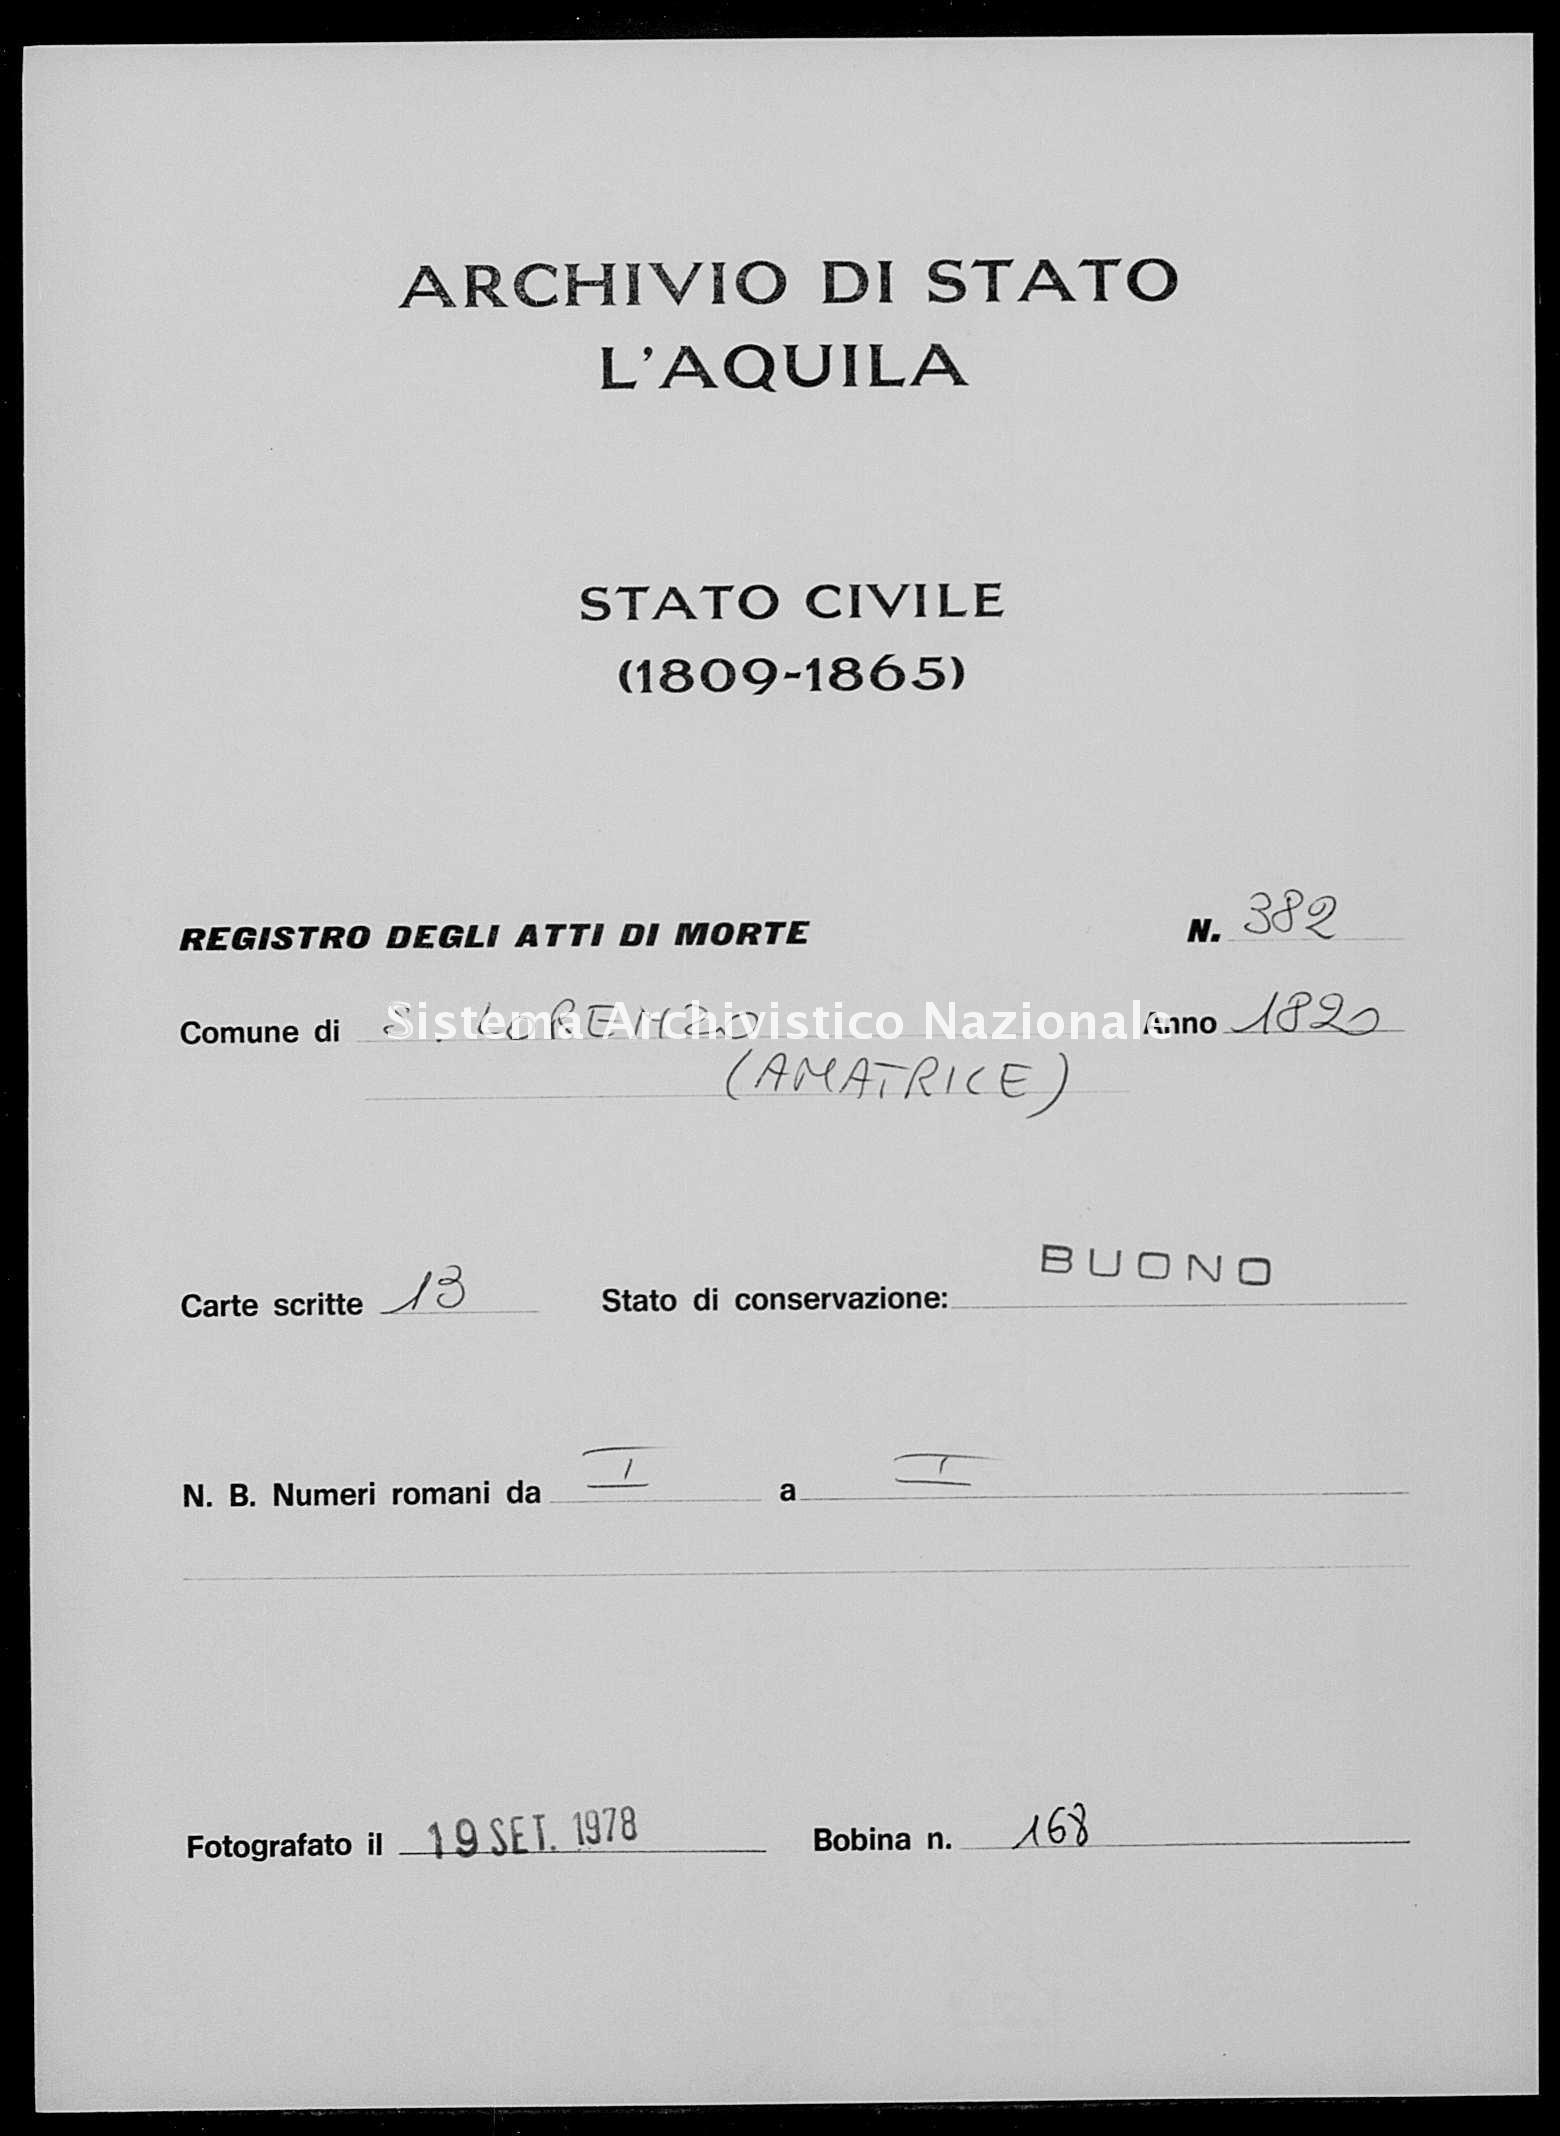 Archivio di stato di L'aquila - Stato civile della restaurazione - San Lorenzo - Morti - 1820 - 382 -